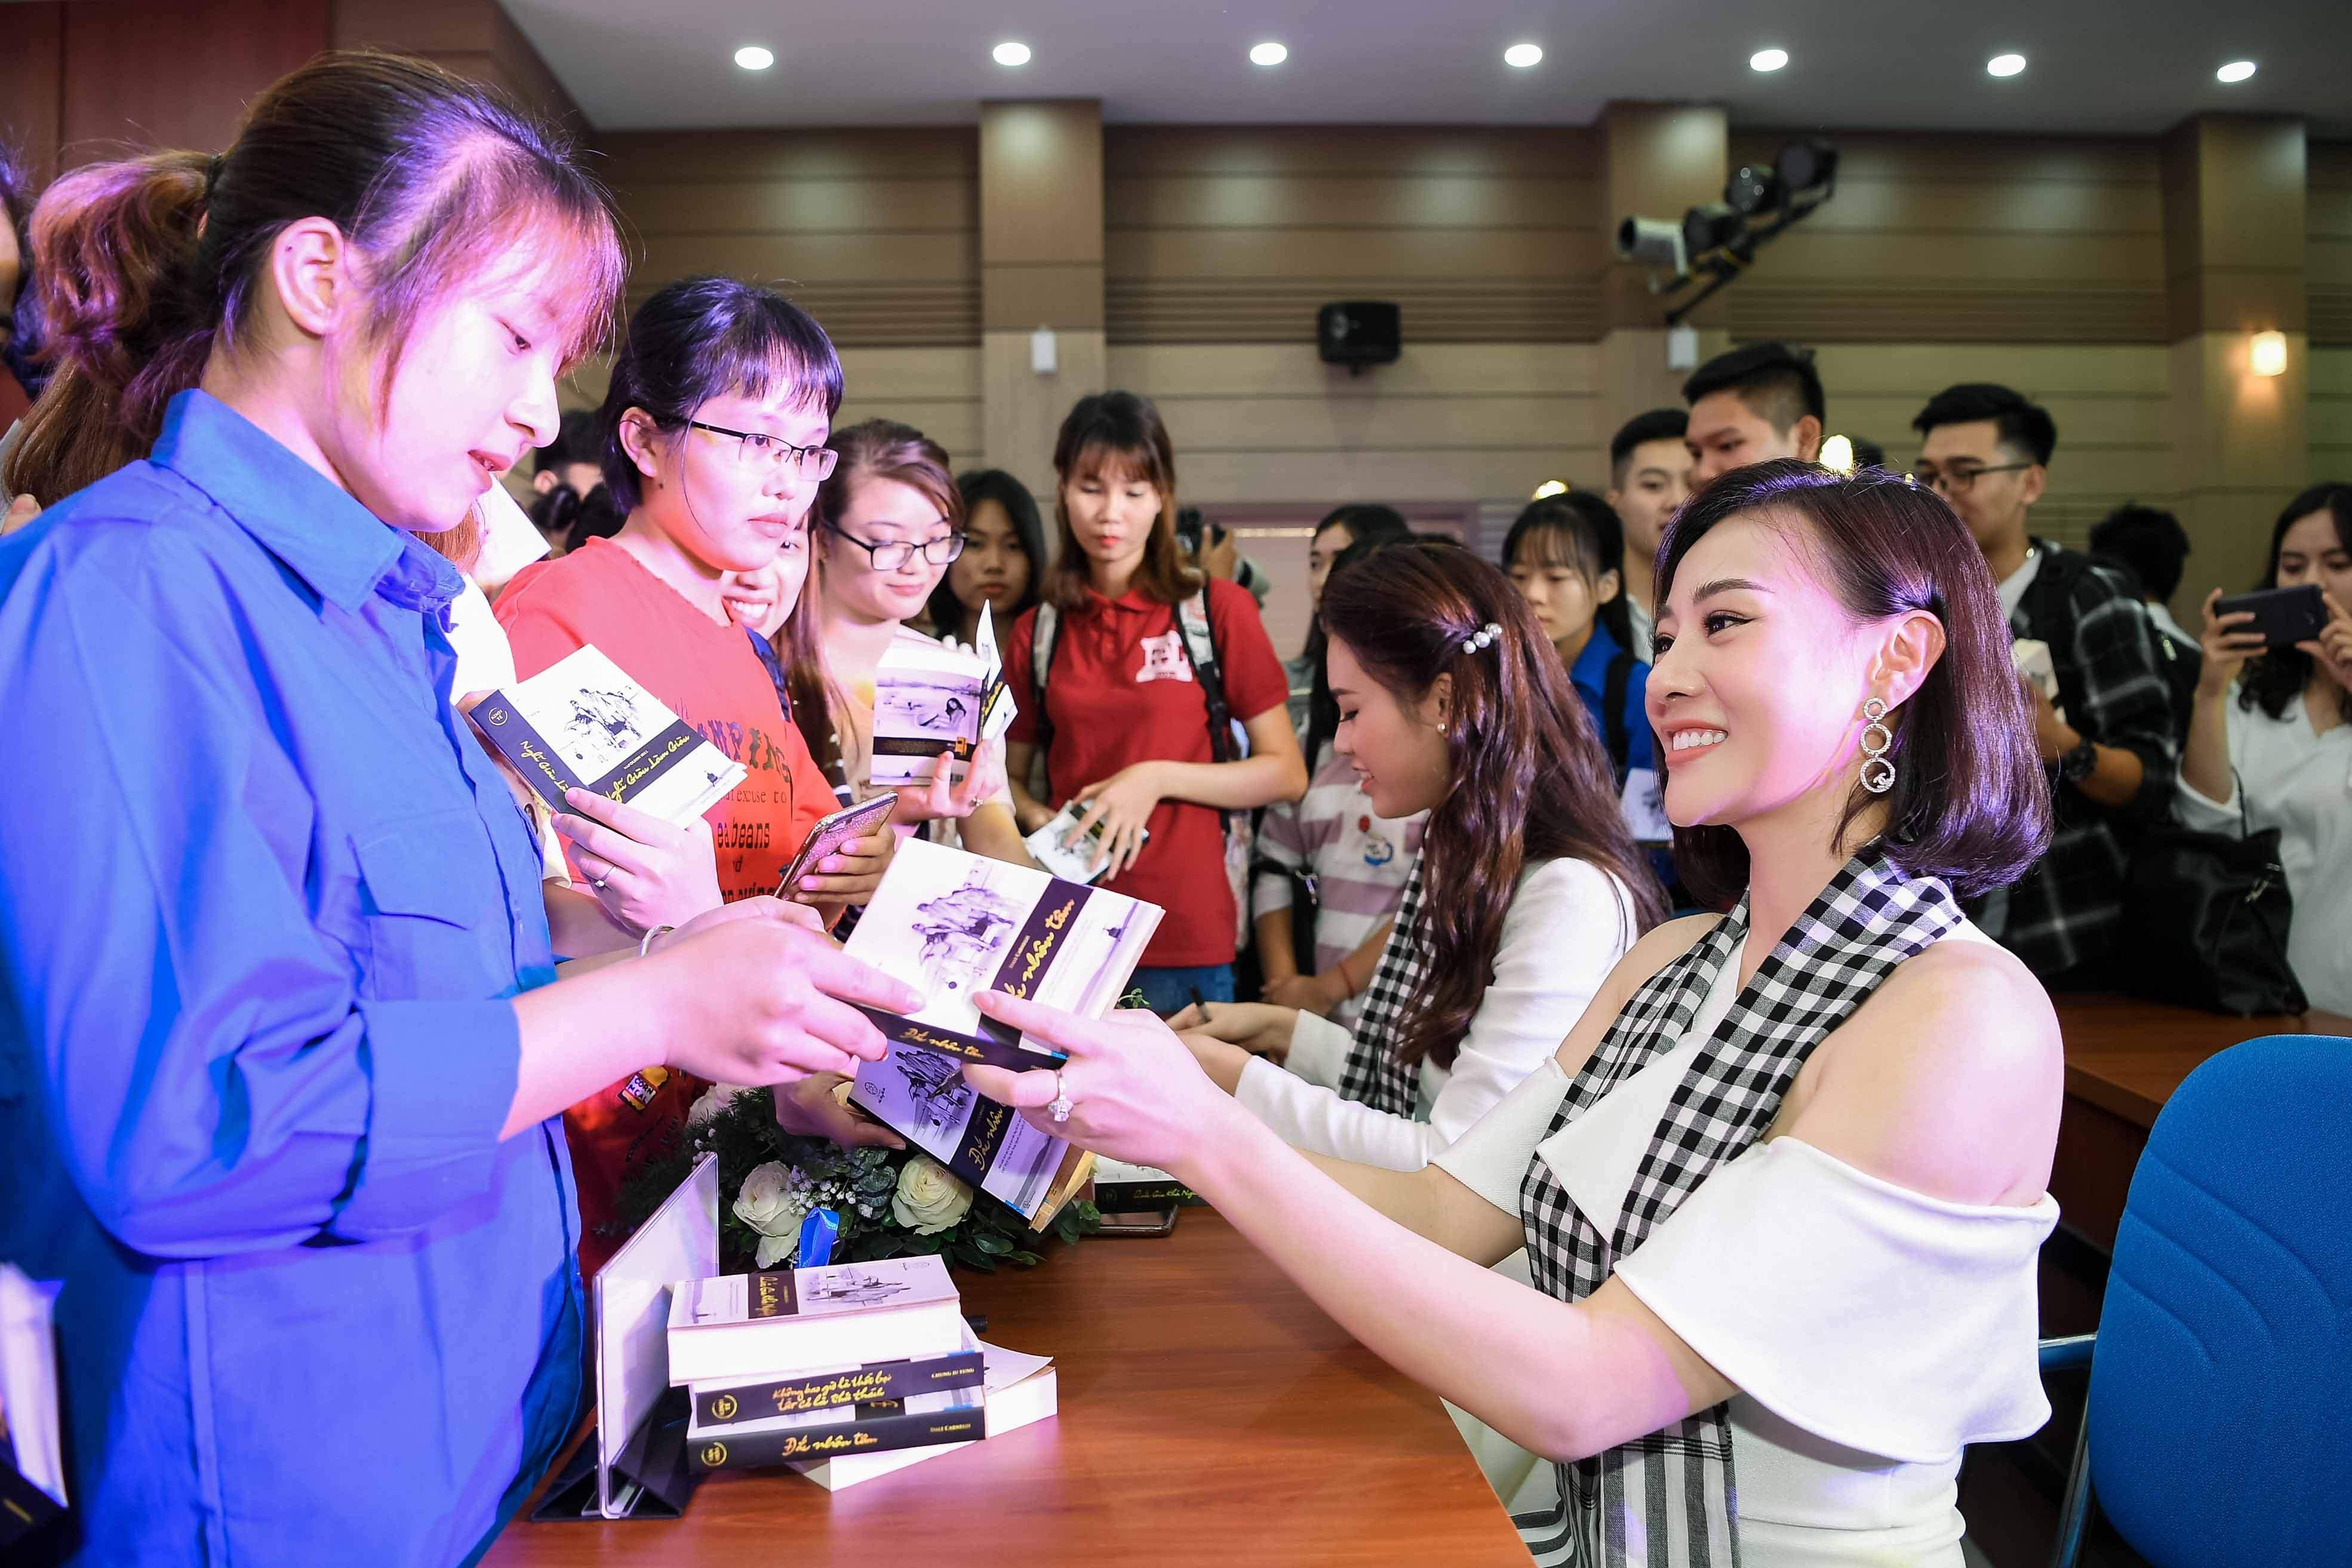 'Quỳnh búp bê' đi sự kiện bằng xế sang của vua cafe Đặng Lê Nguyên Vũ 7